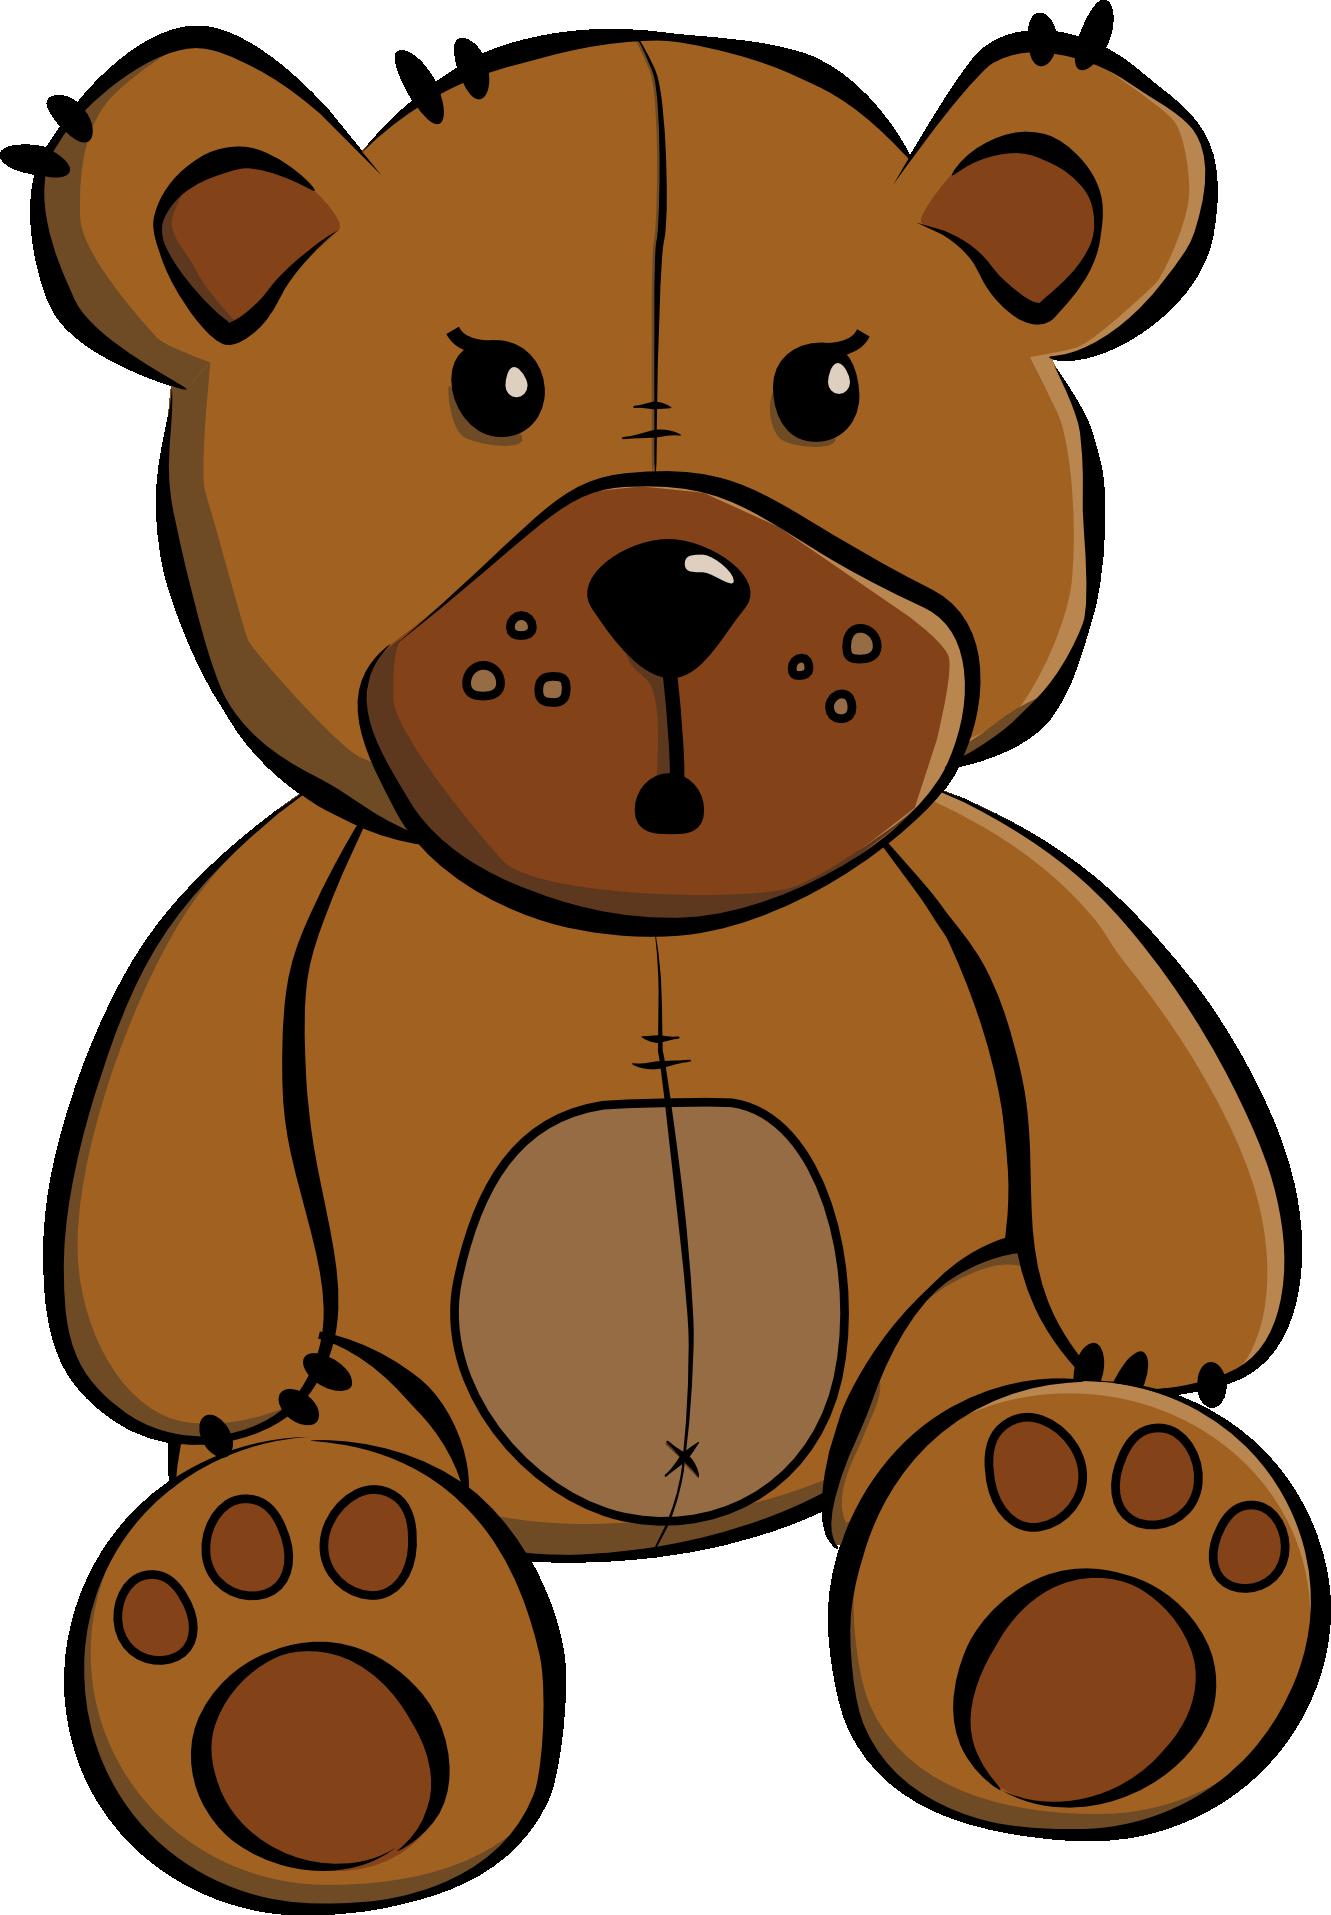 Clip Art Cartoon Teddy Bear .-Clip art cartoon teddy bear .-5